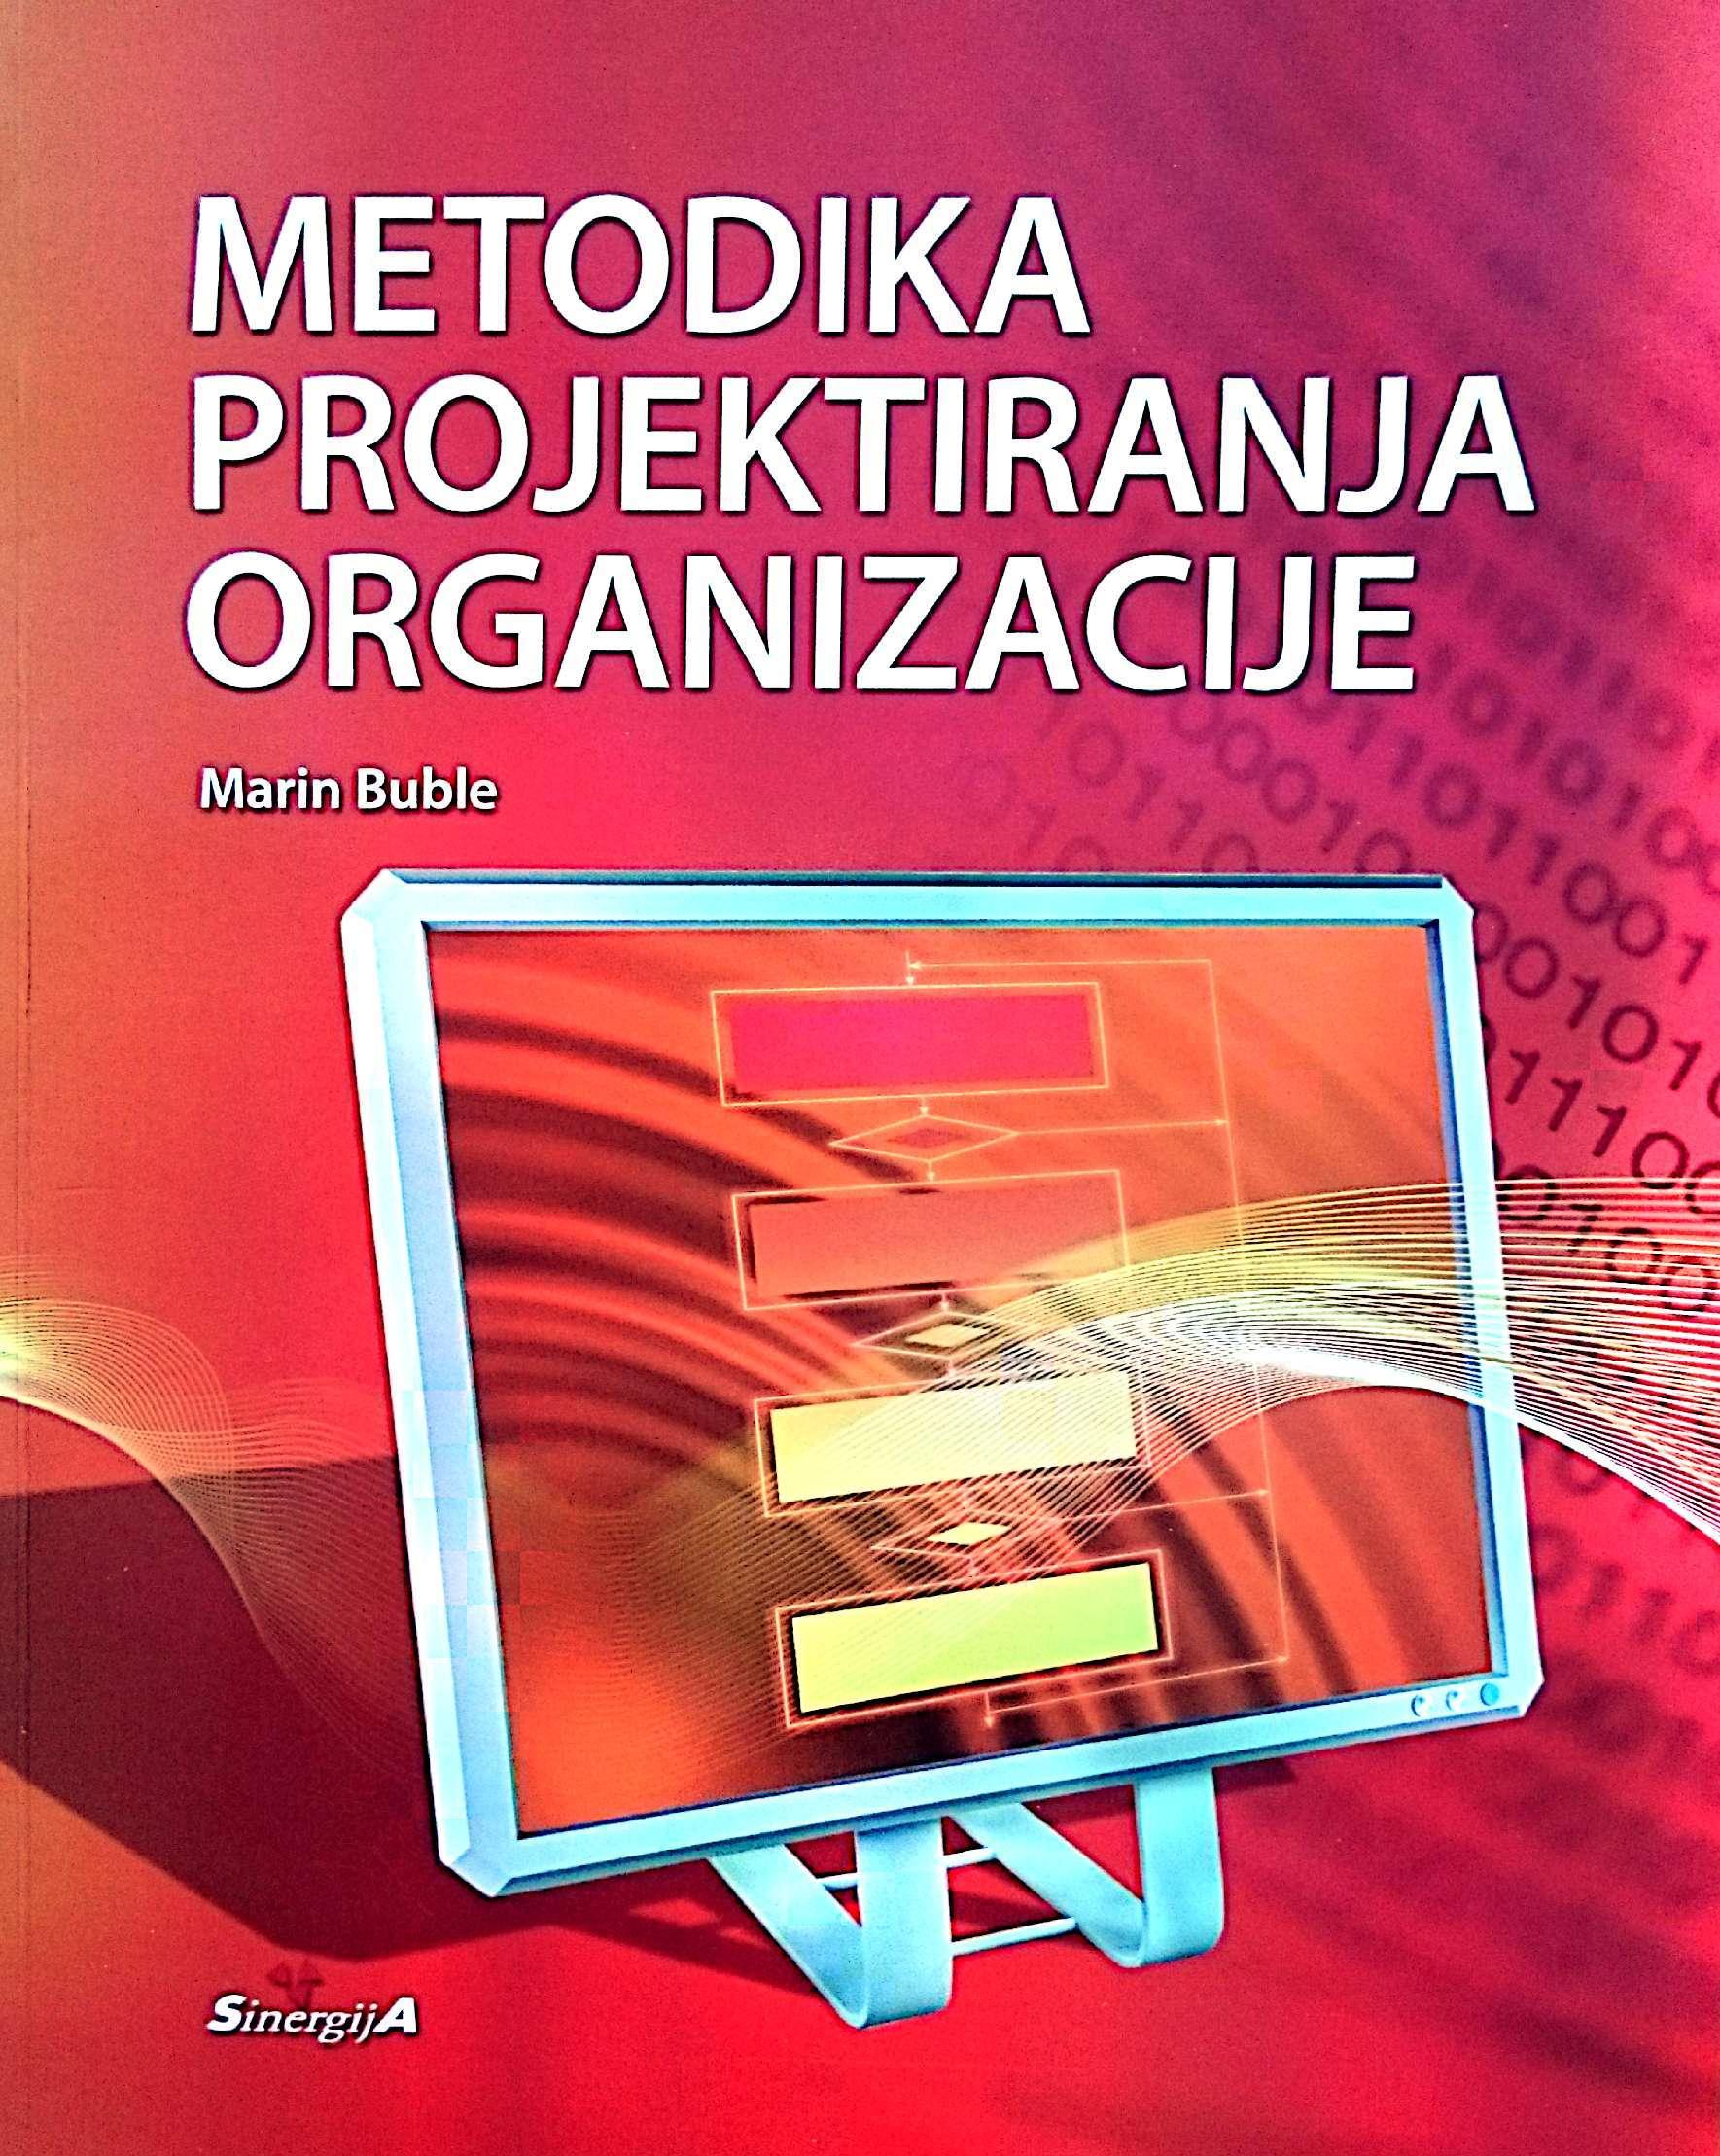 METODIKA PROJEKTIRANJA ORGANIZACIJE - Naruči svoju knjigu